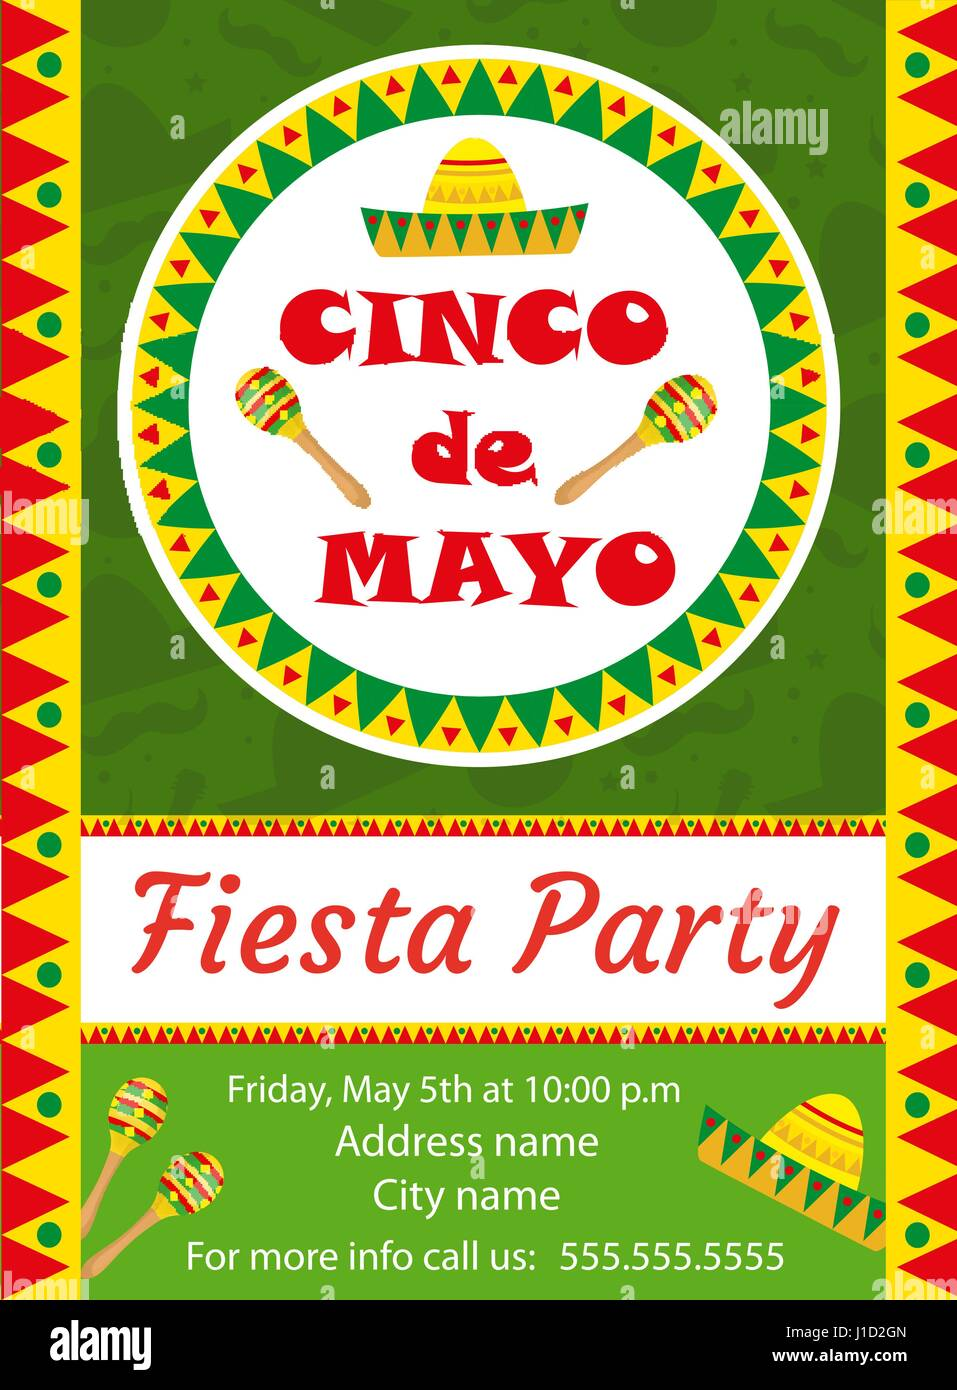 Cinco de mayo invitation template flyer mexican holiday postcard cinco de mayo invitation template flyer mexican holiday postcard vector illustration stopboris Images